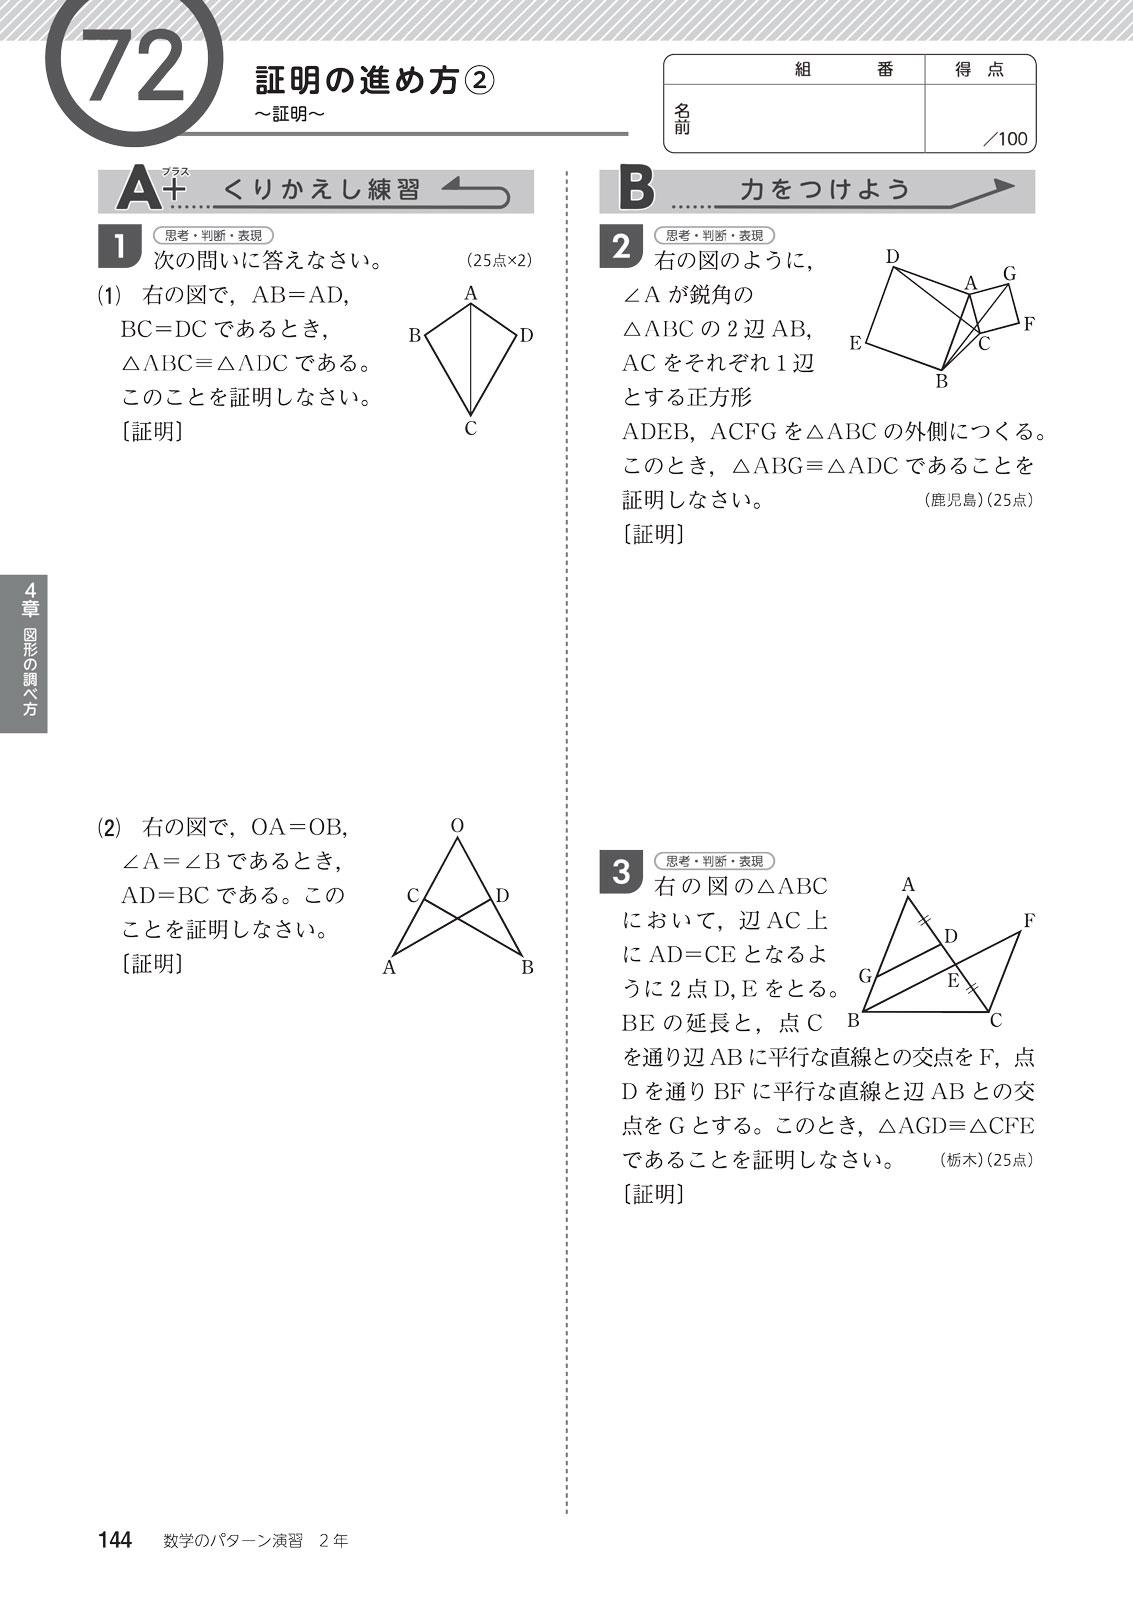 スパイラル式 数学のパターン演習